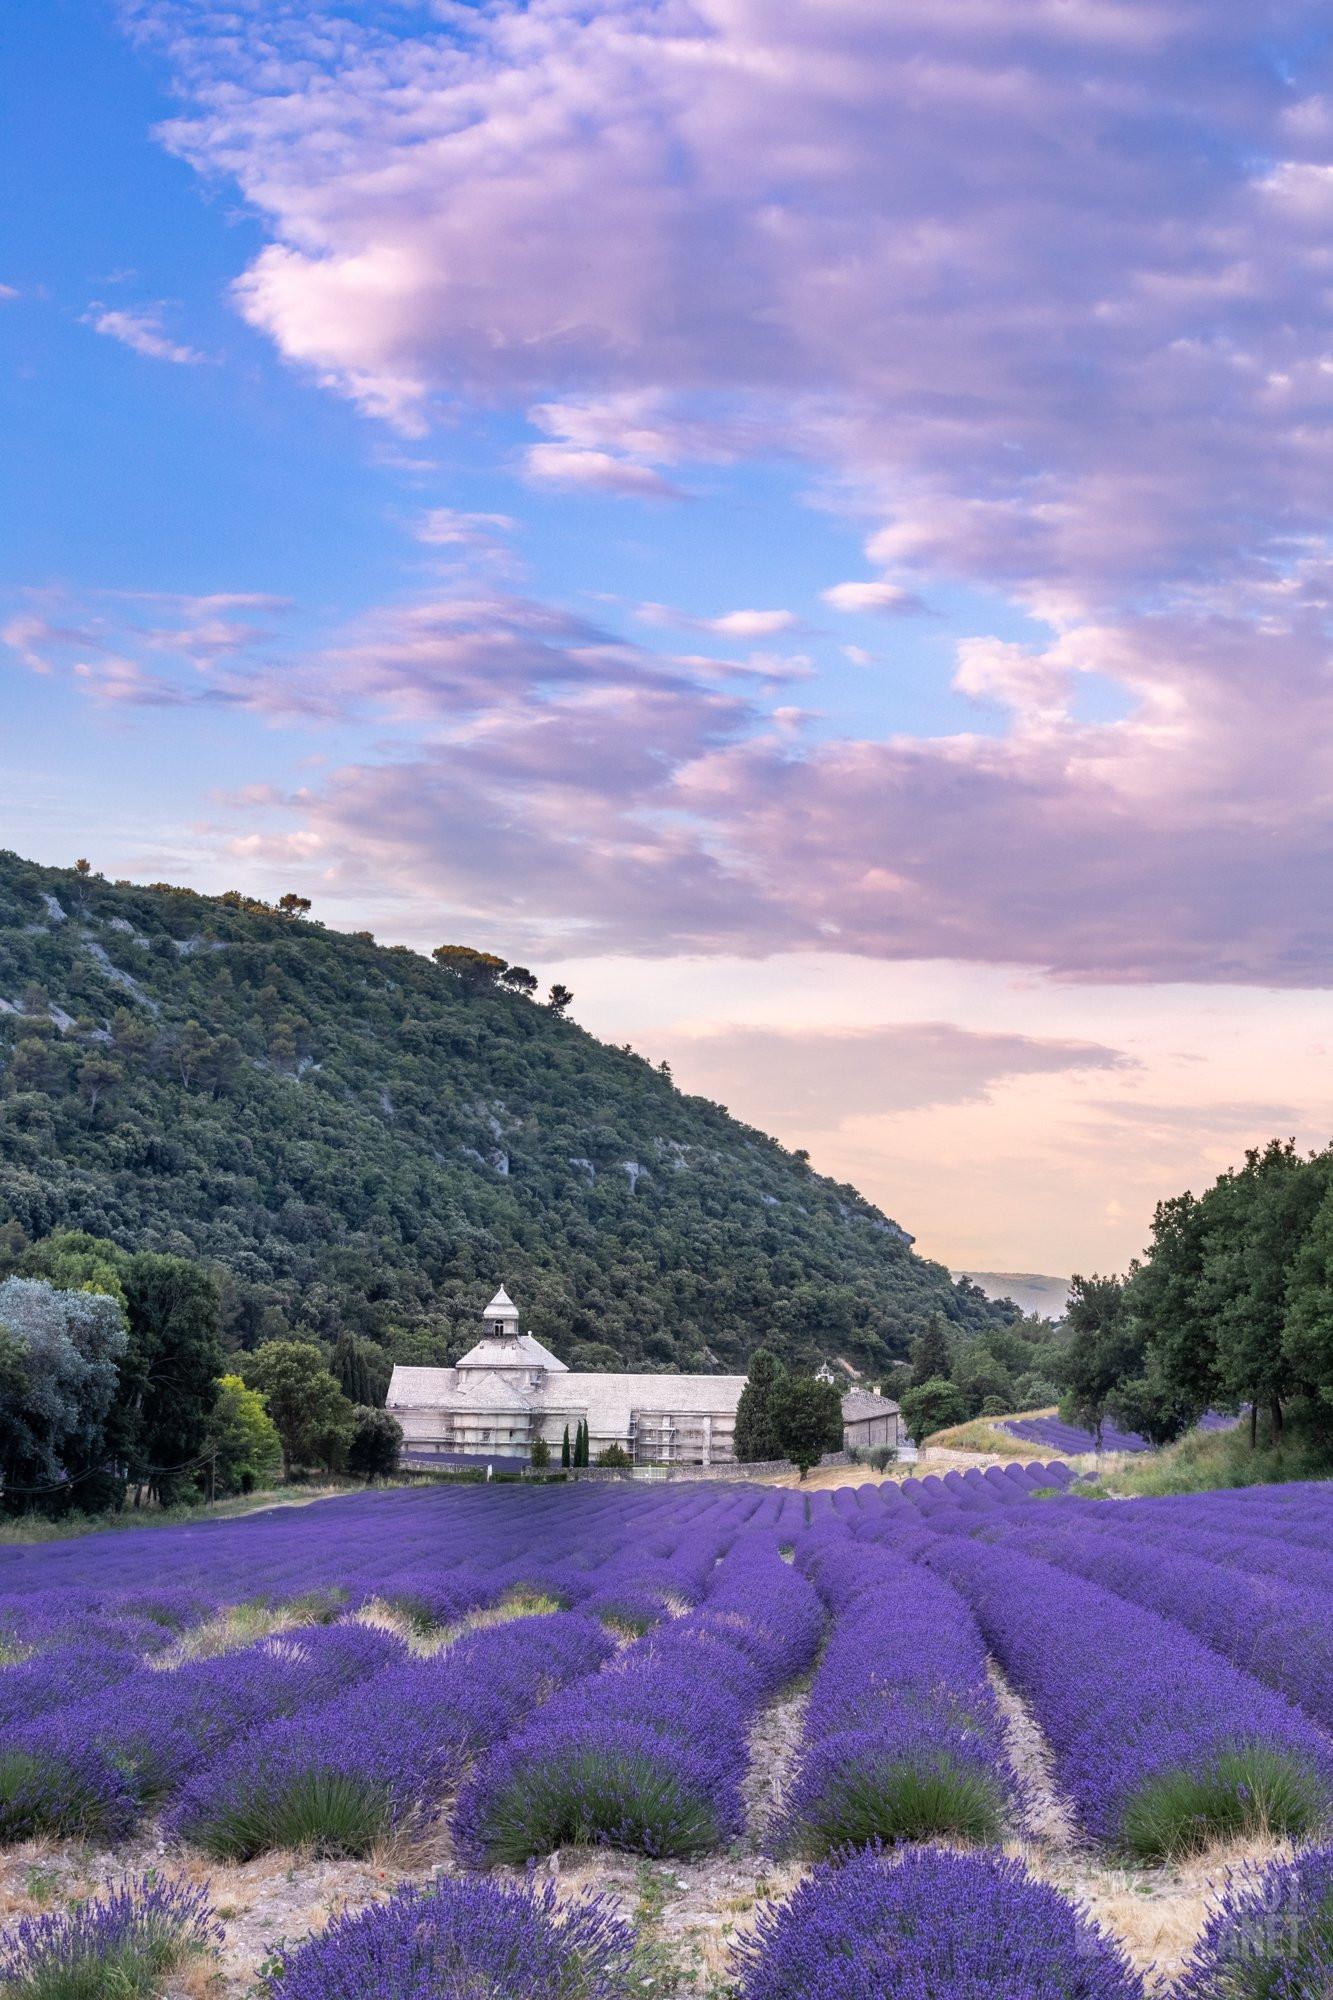 Sénanque Abbey lavenders field sunrise, Vaucluse France